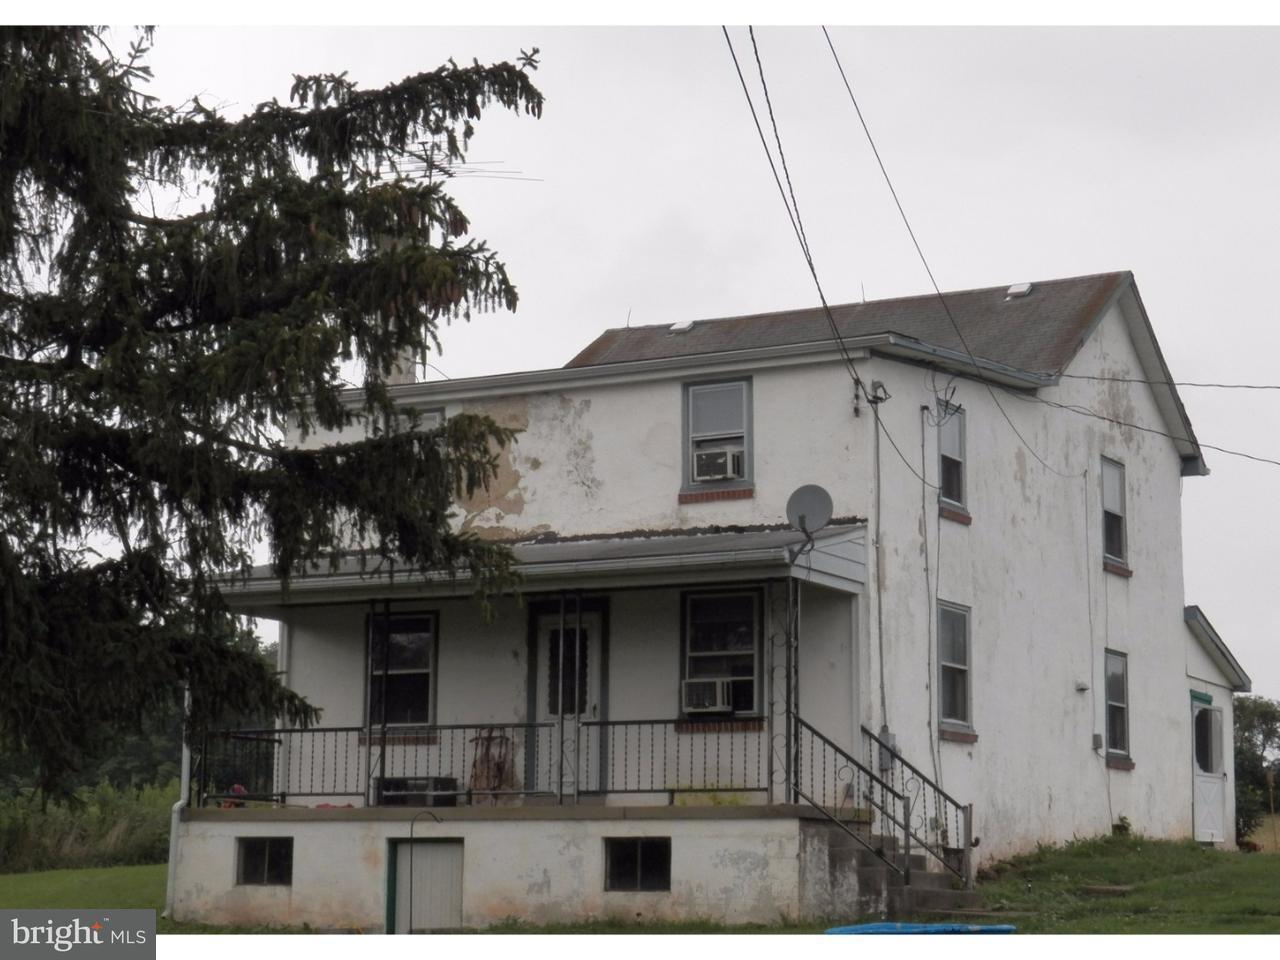 Частный односемейный дом для того Продажа на 2282 WARNER SCHOOL Road East Greenville, Пенсильвания 18041 Соединенные Штаты